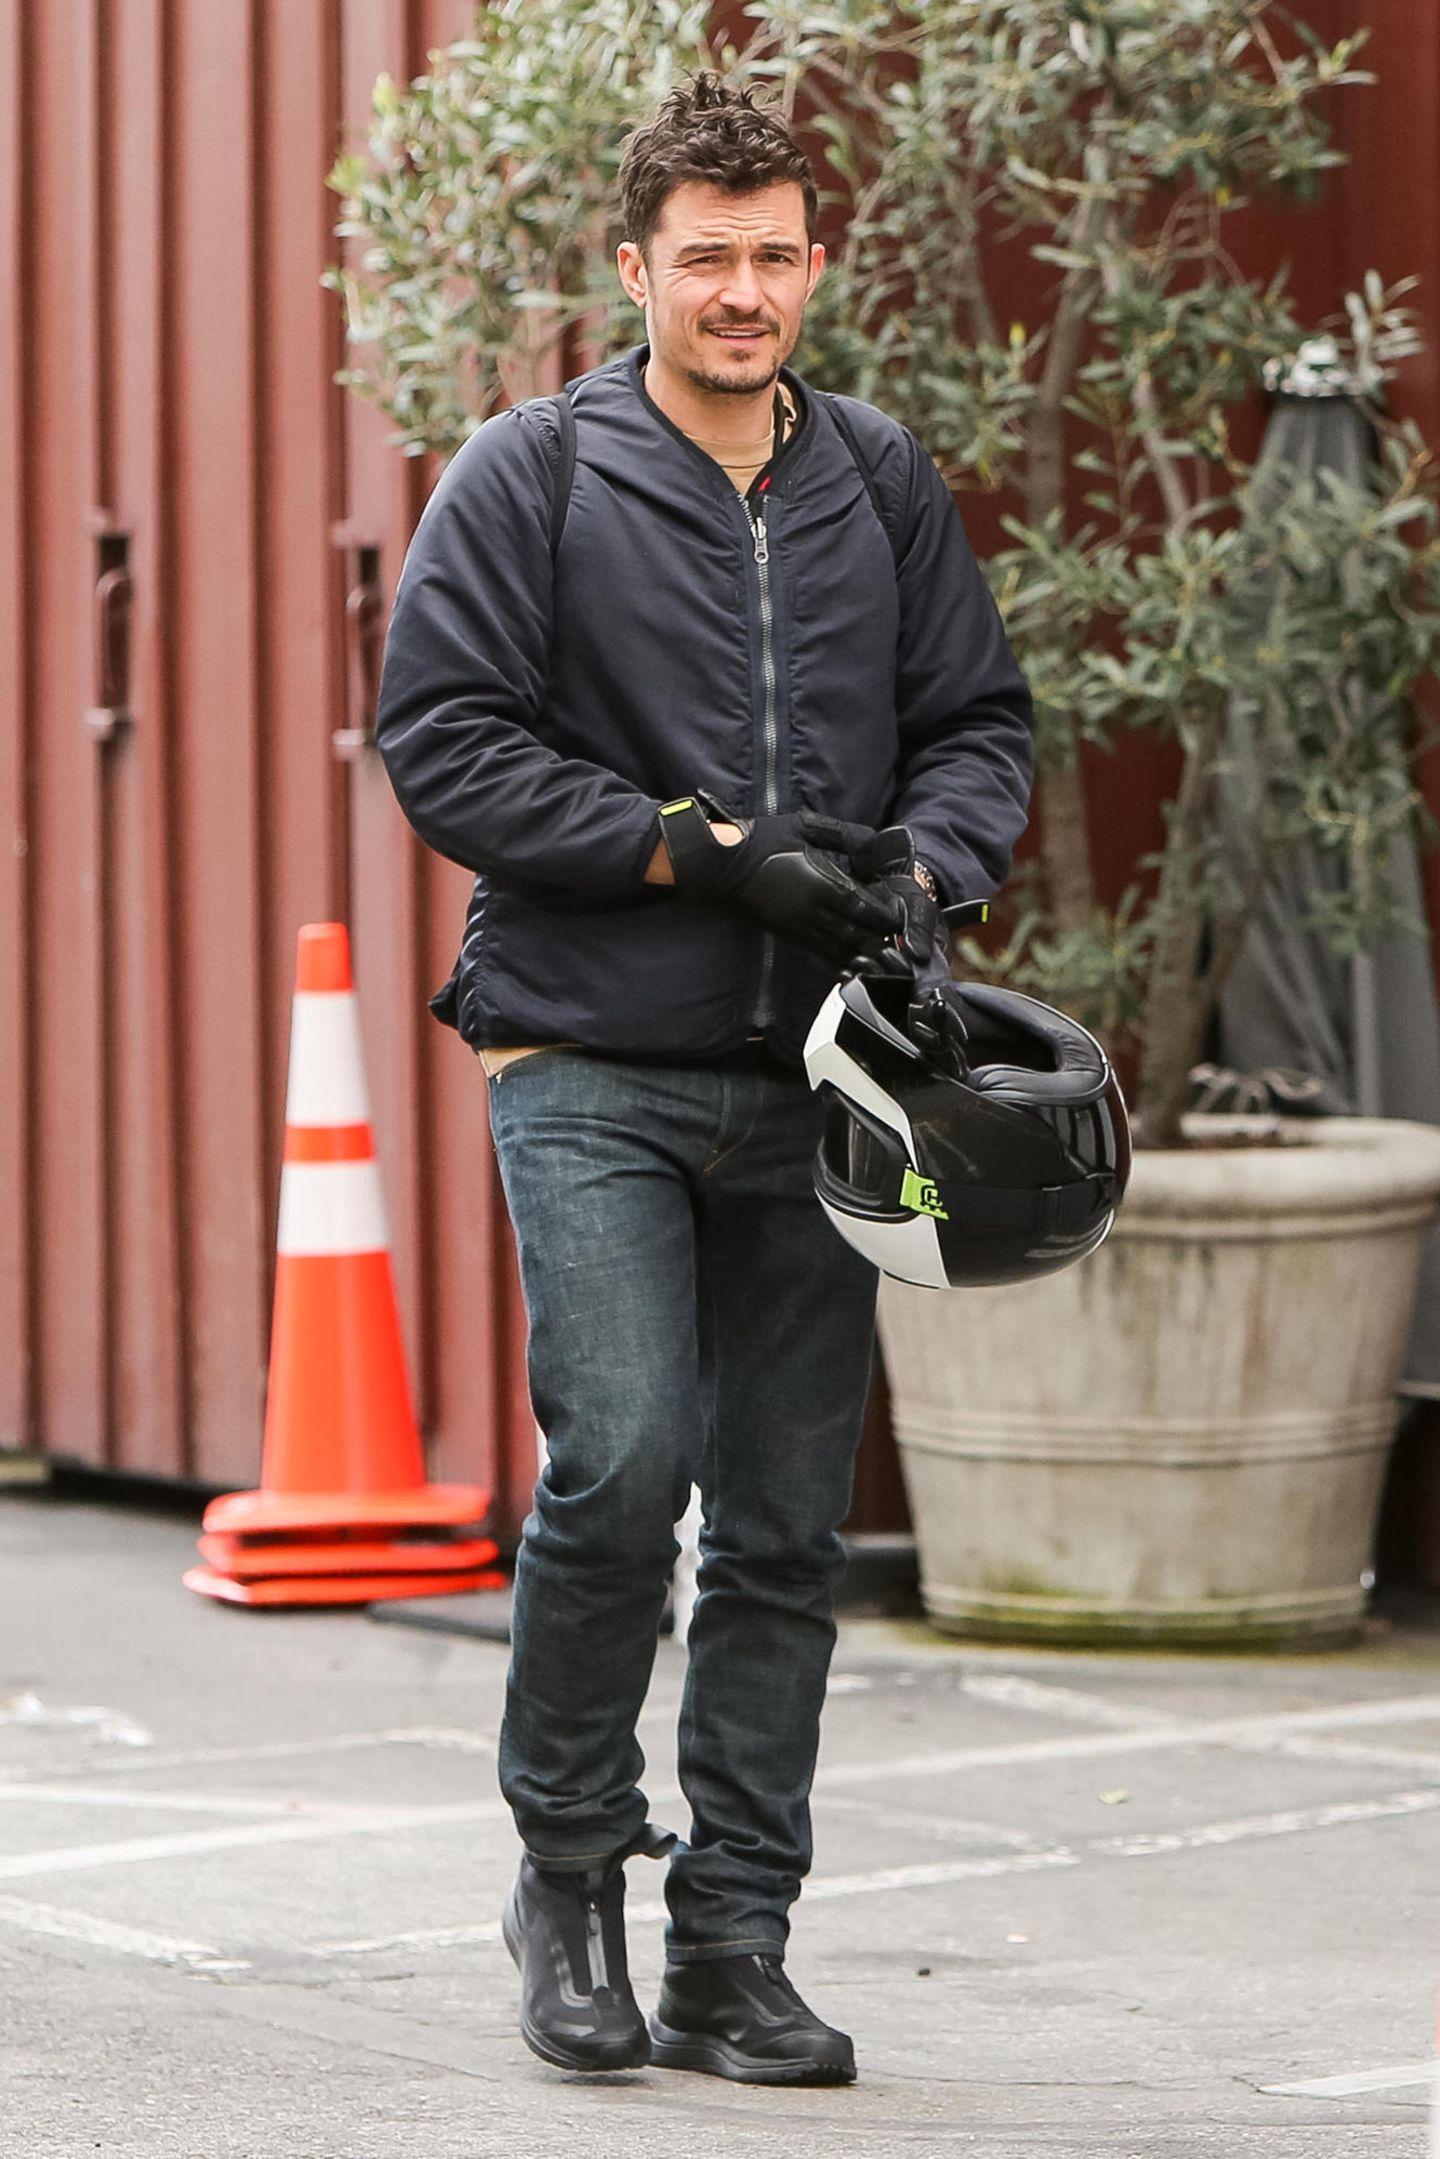 5. März 2019  Nachdem sich der Fahrer den Helm abgenommen hat, wird deutlich, dass es sich um Schauspieler Orlando Bloom handelt, der mit seinem Bike eine Spritztour unternommen hat.